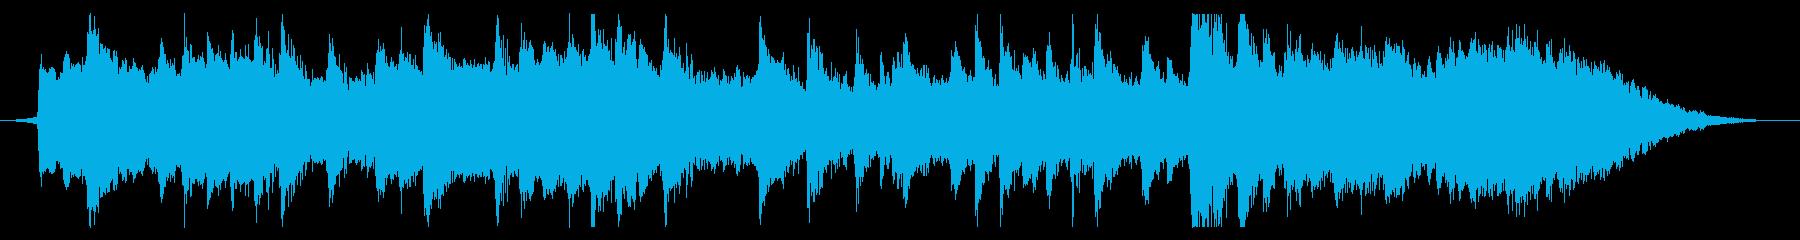 悠久の歴史と伝統を思わせる雅な筝曲30秒の再生済みの波形